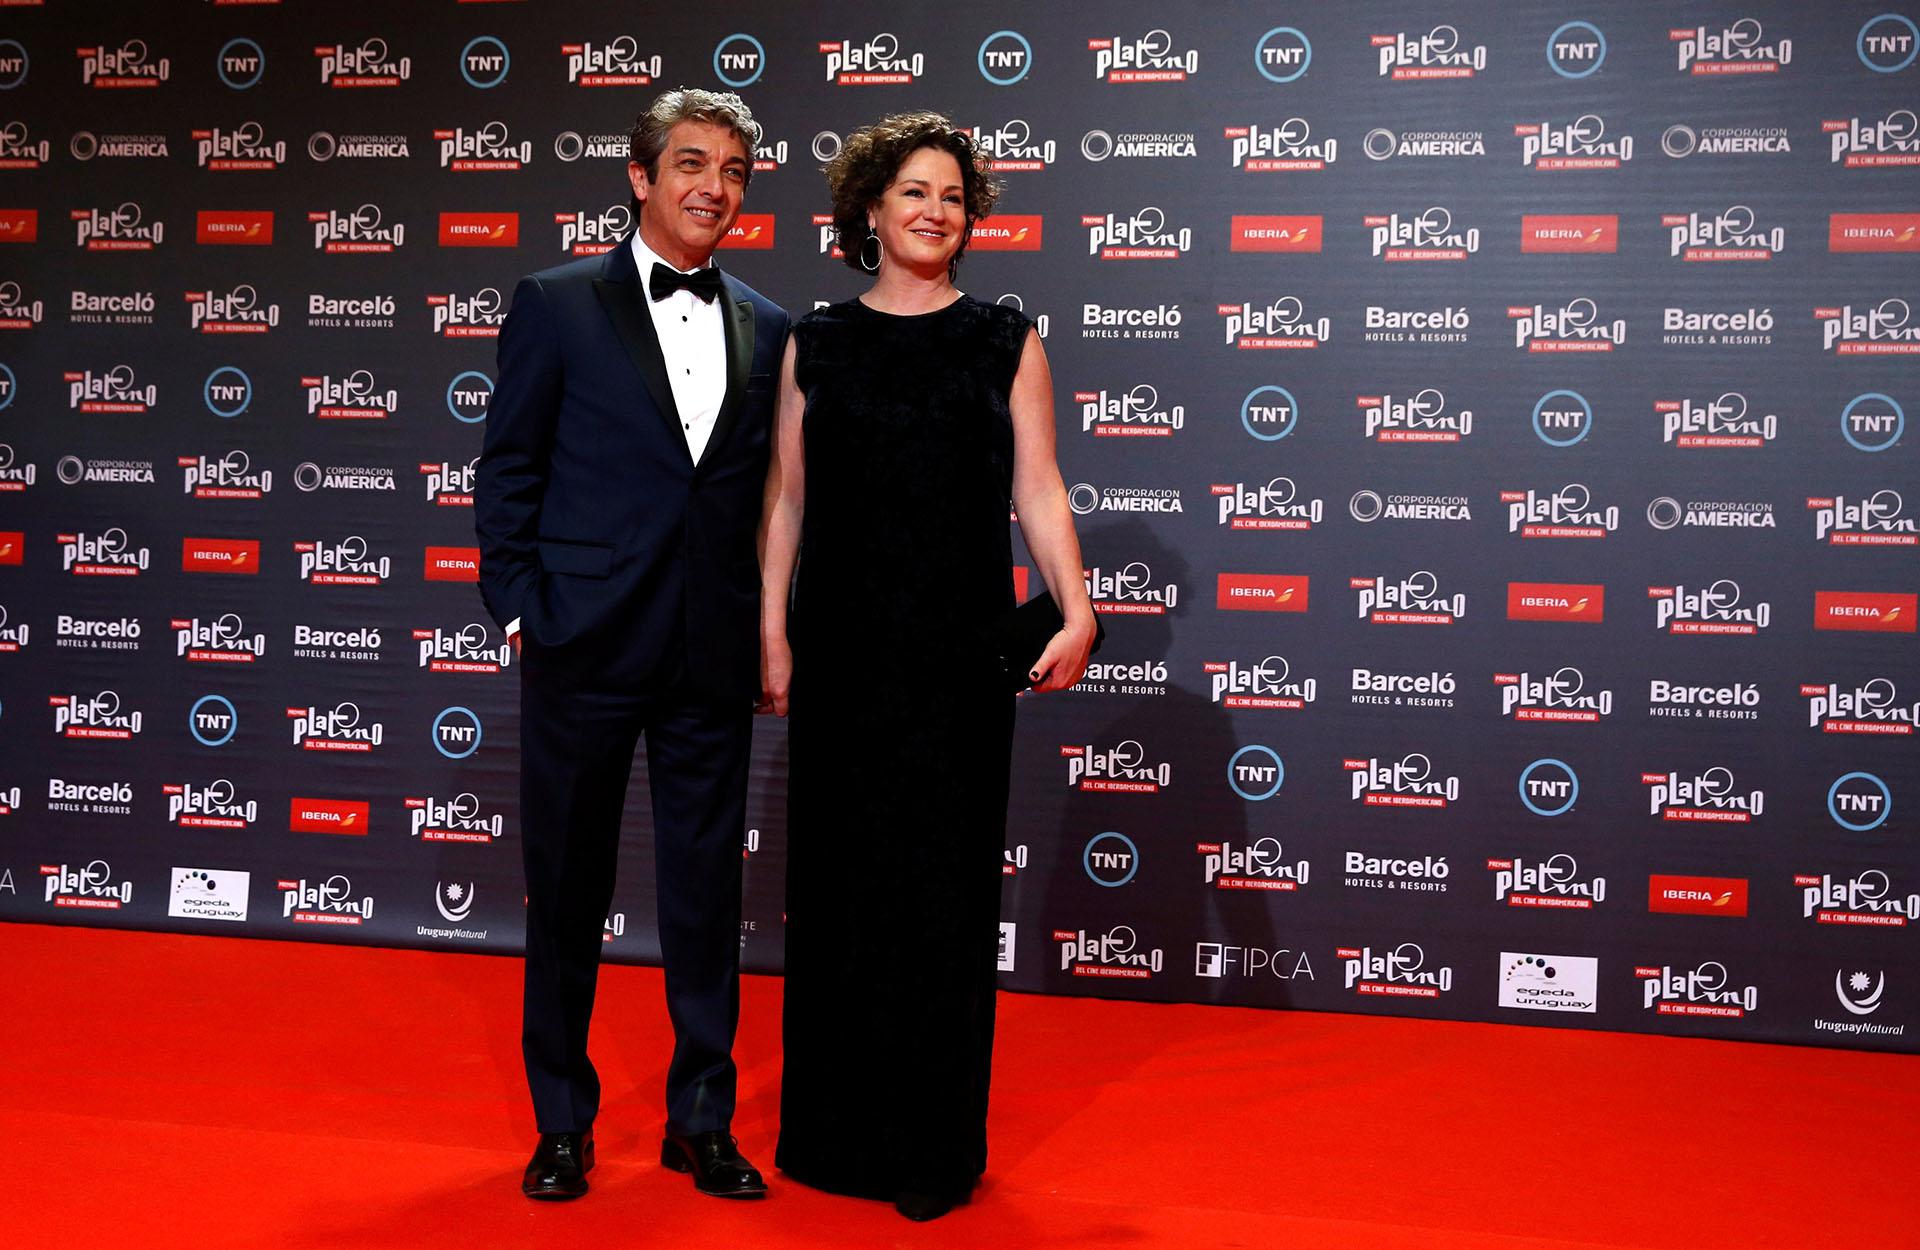 Ricardo Darín, quien recibió la distinción de honor de los premios Platino, junto a su esposa Florencia Bas